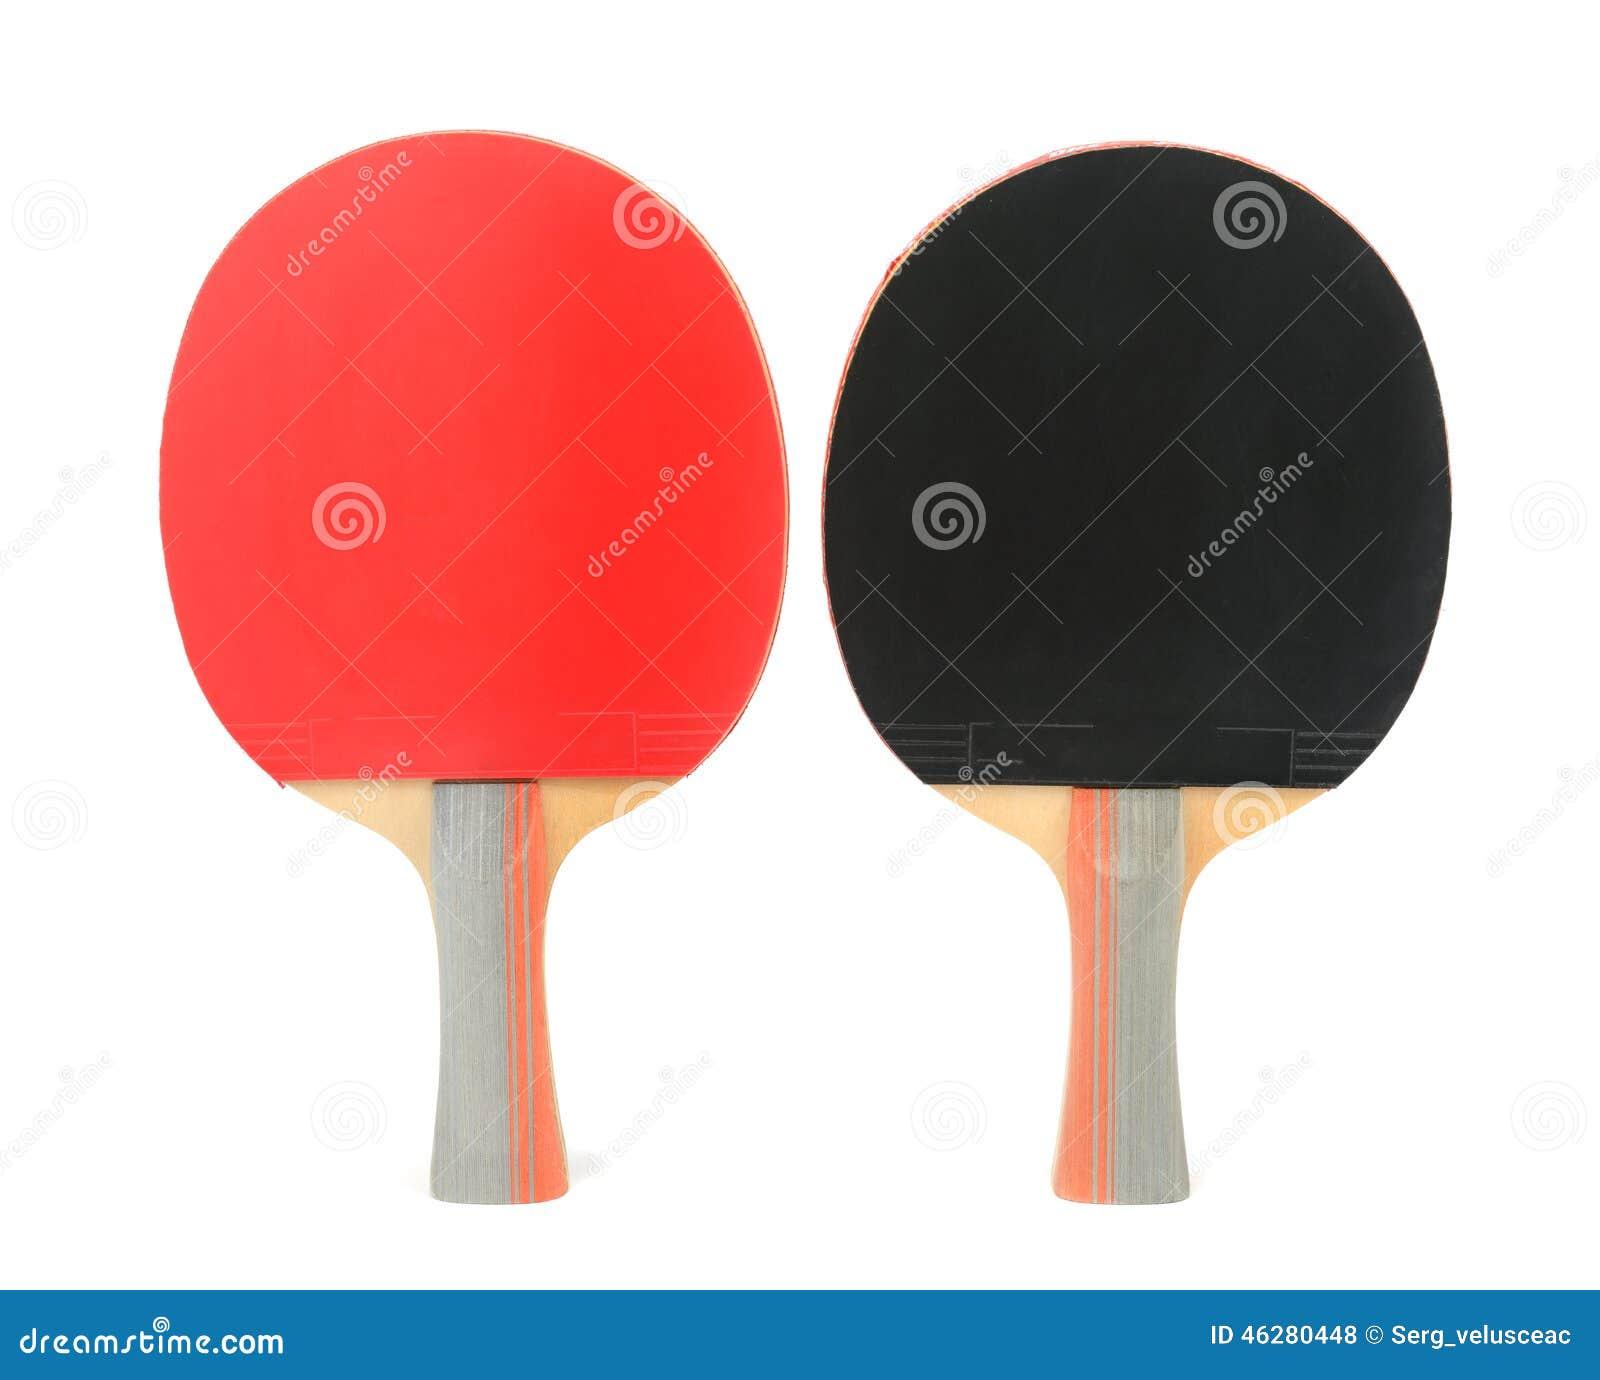 乒乓球球拍图片